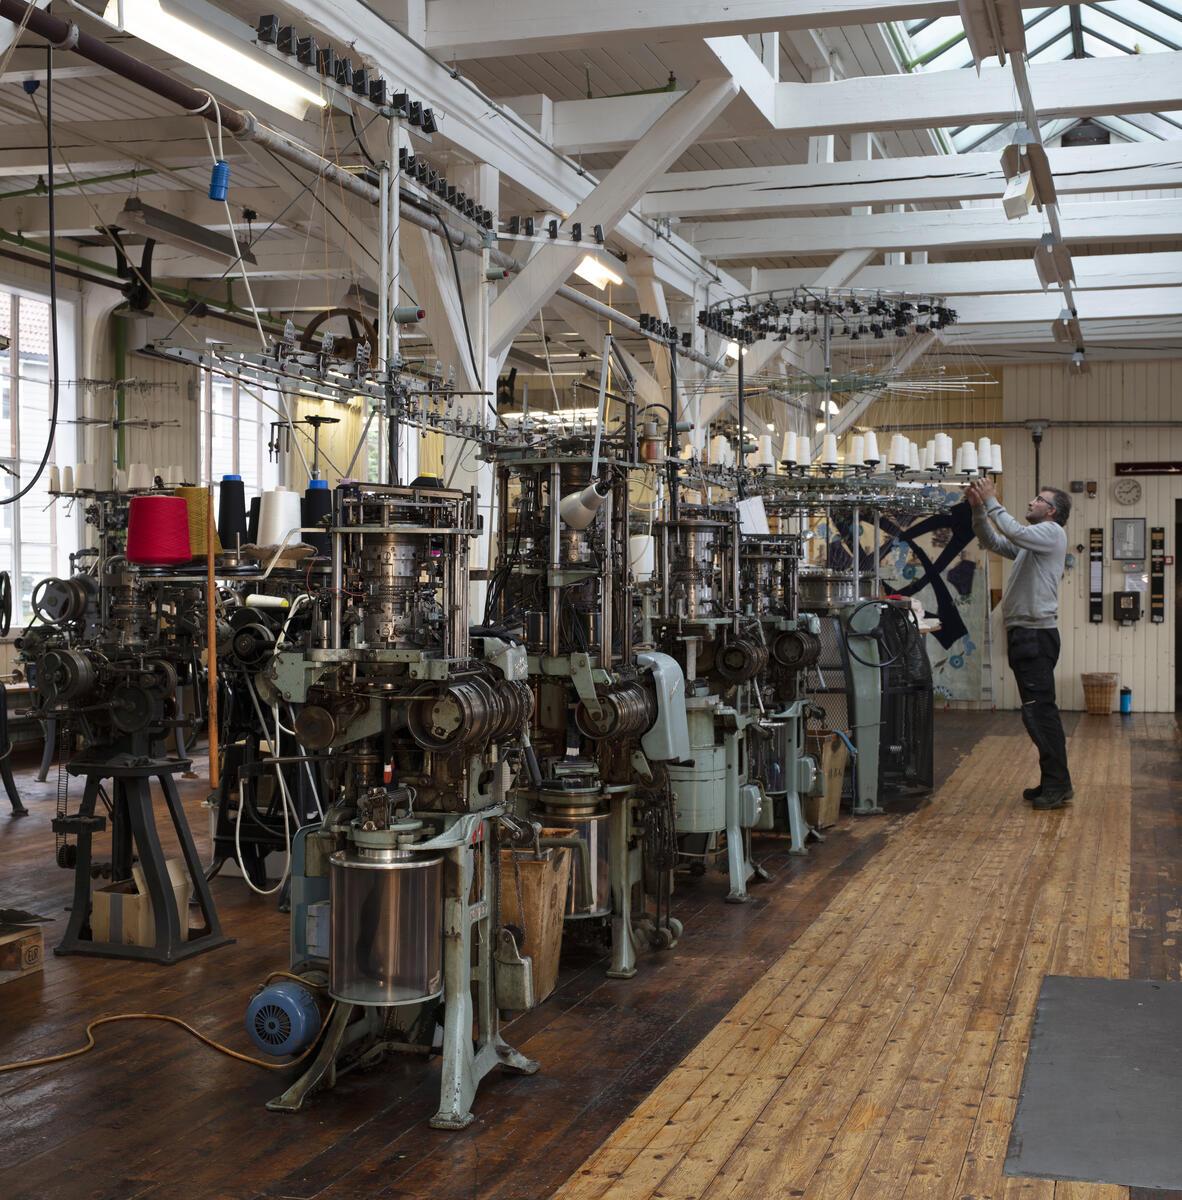 strikkemaskiner i fabrikklokale, mann arbeider med maskin (Foto/Photo)